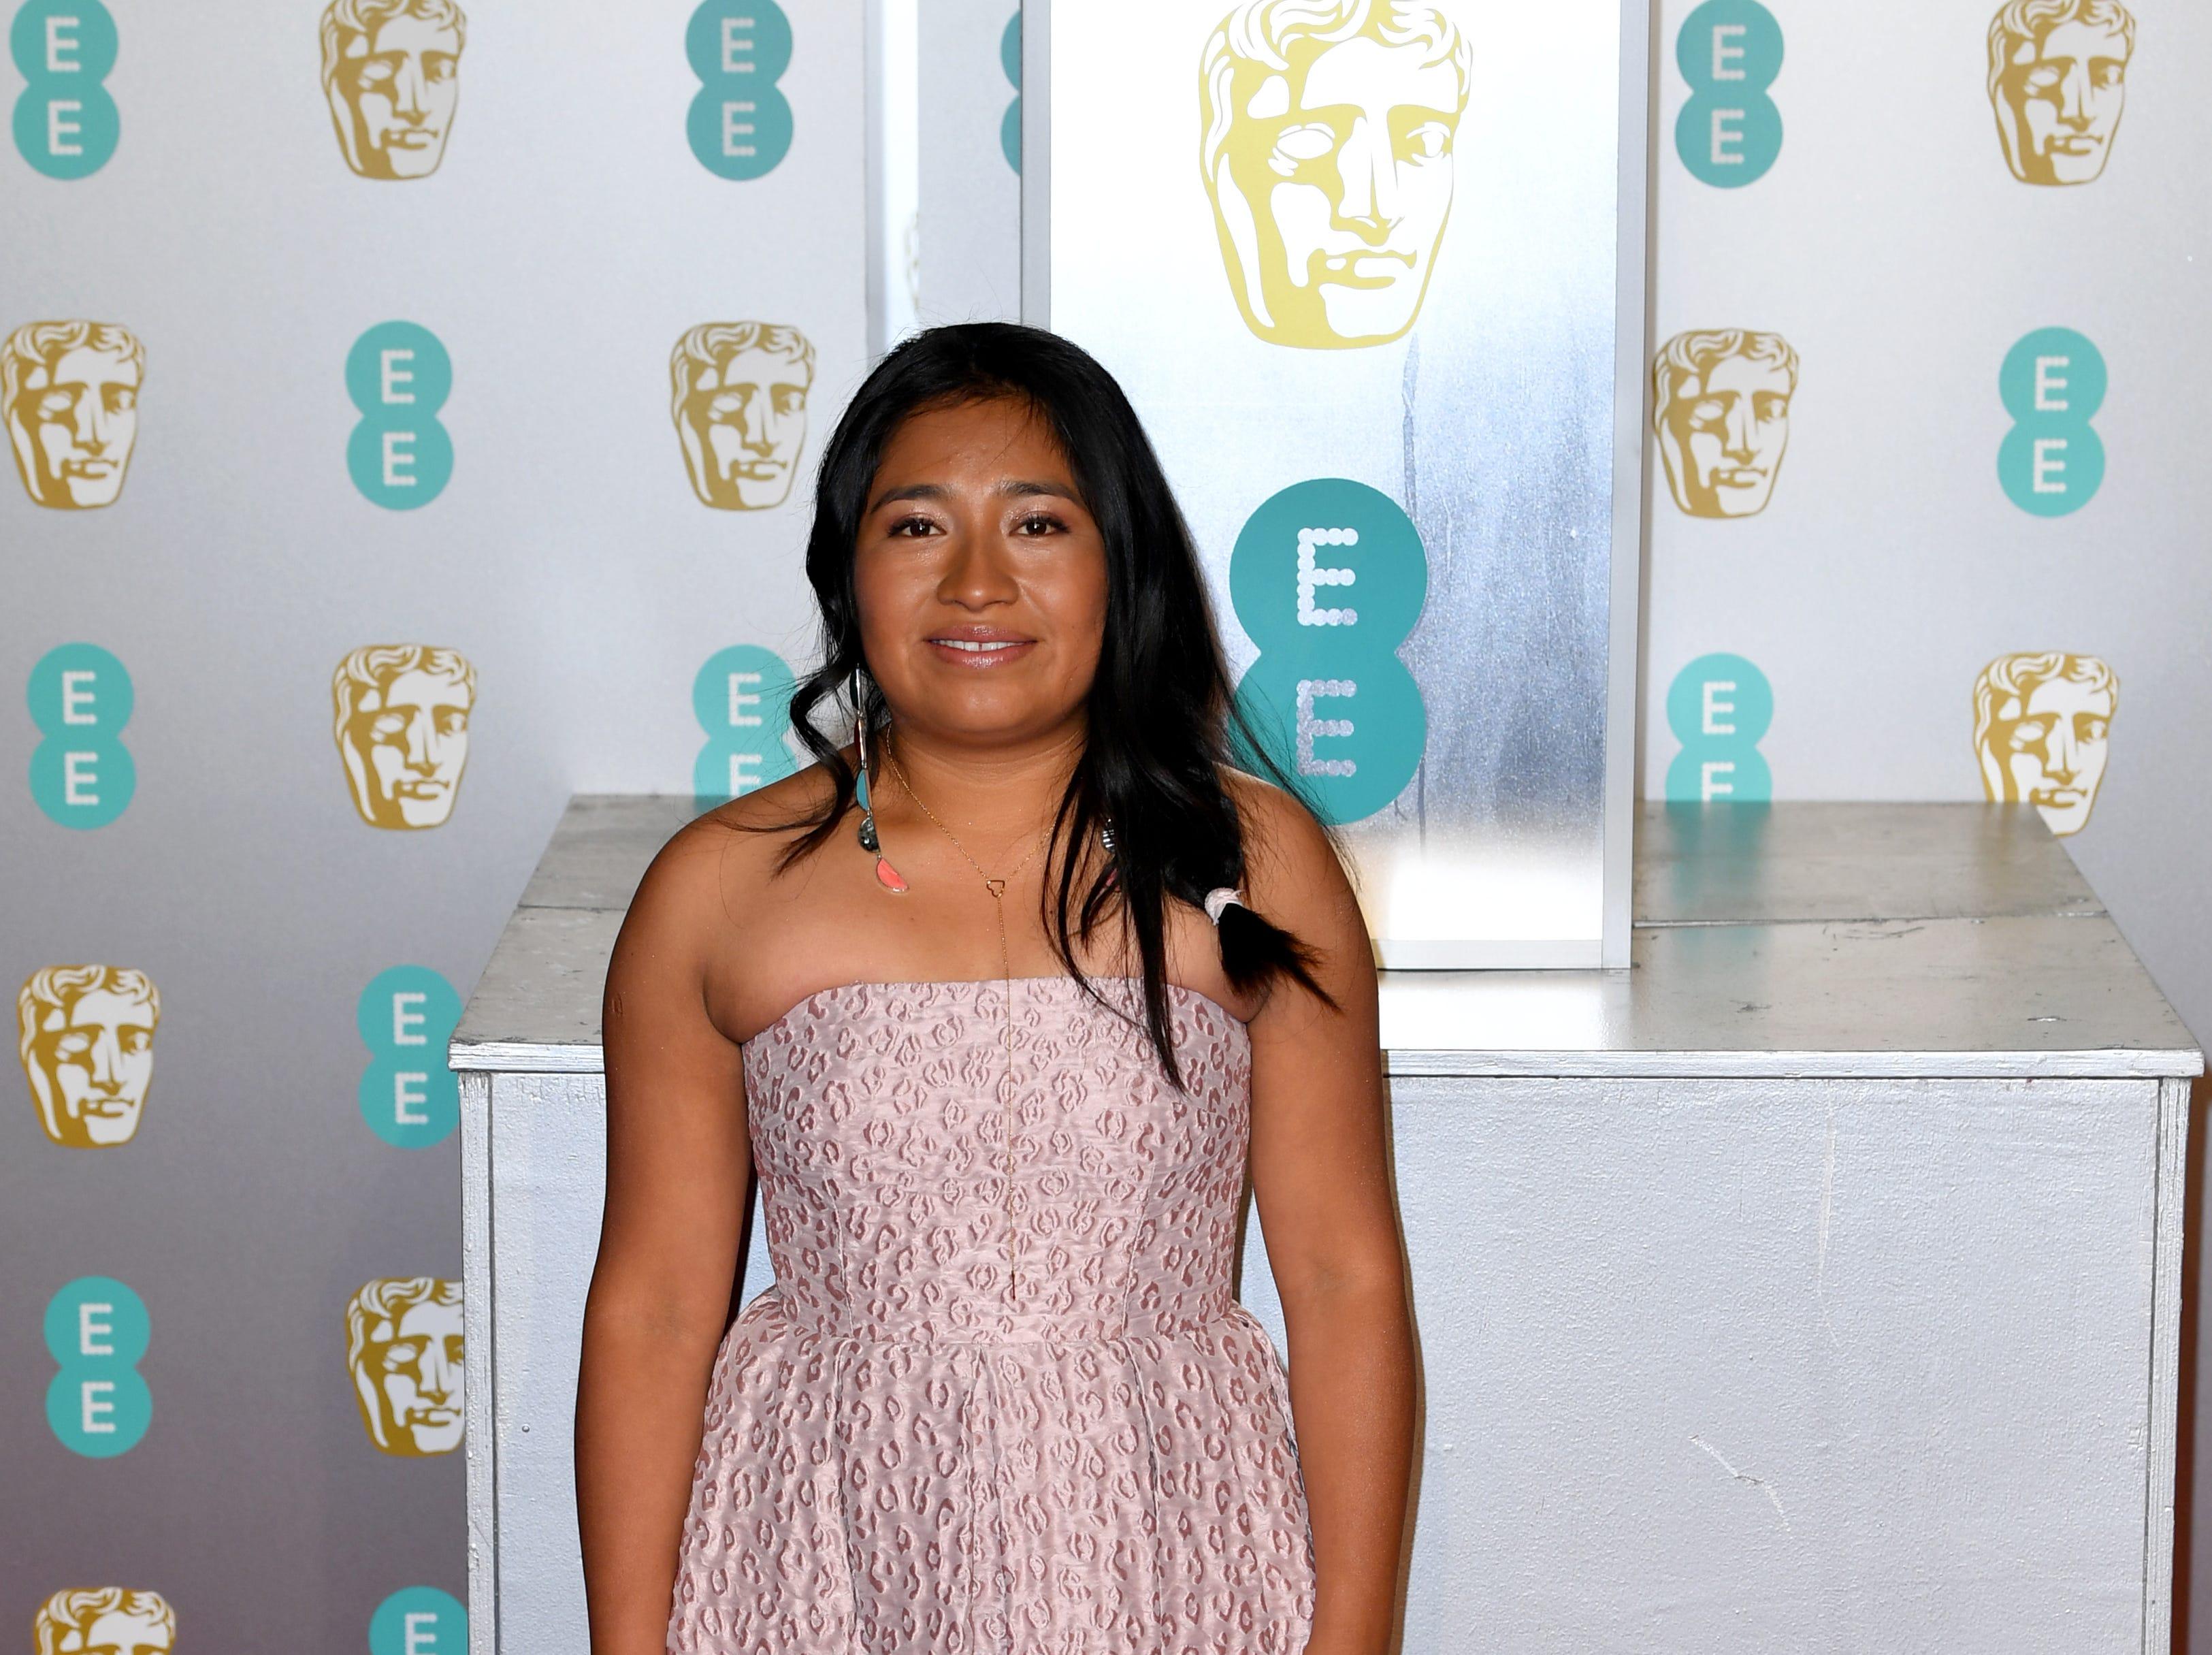 Nancy Garcia a su llegada a la alfombra roja de los Premios de la Academia Británica de Cine BAFTA en el Royal Albert Hall en Londres el 10 de febrero de 2019.